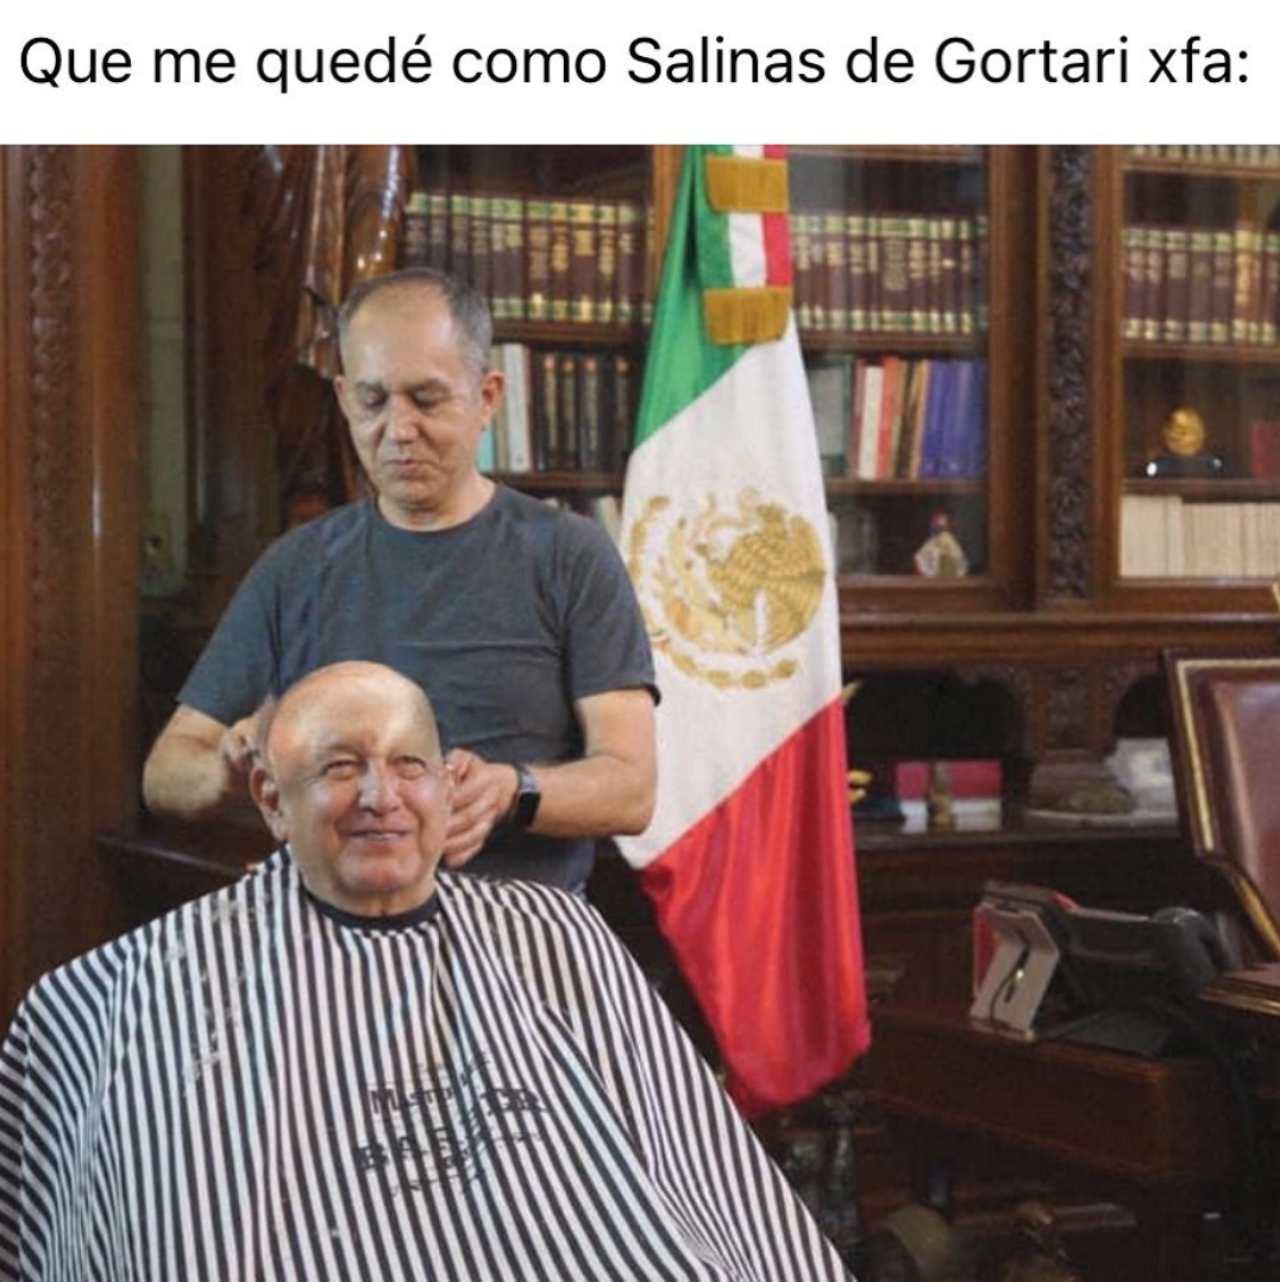 Meme del peluquero de AMLO Salinas de Gortari